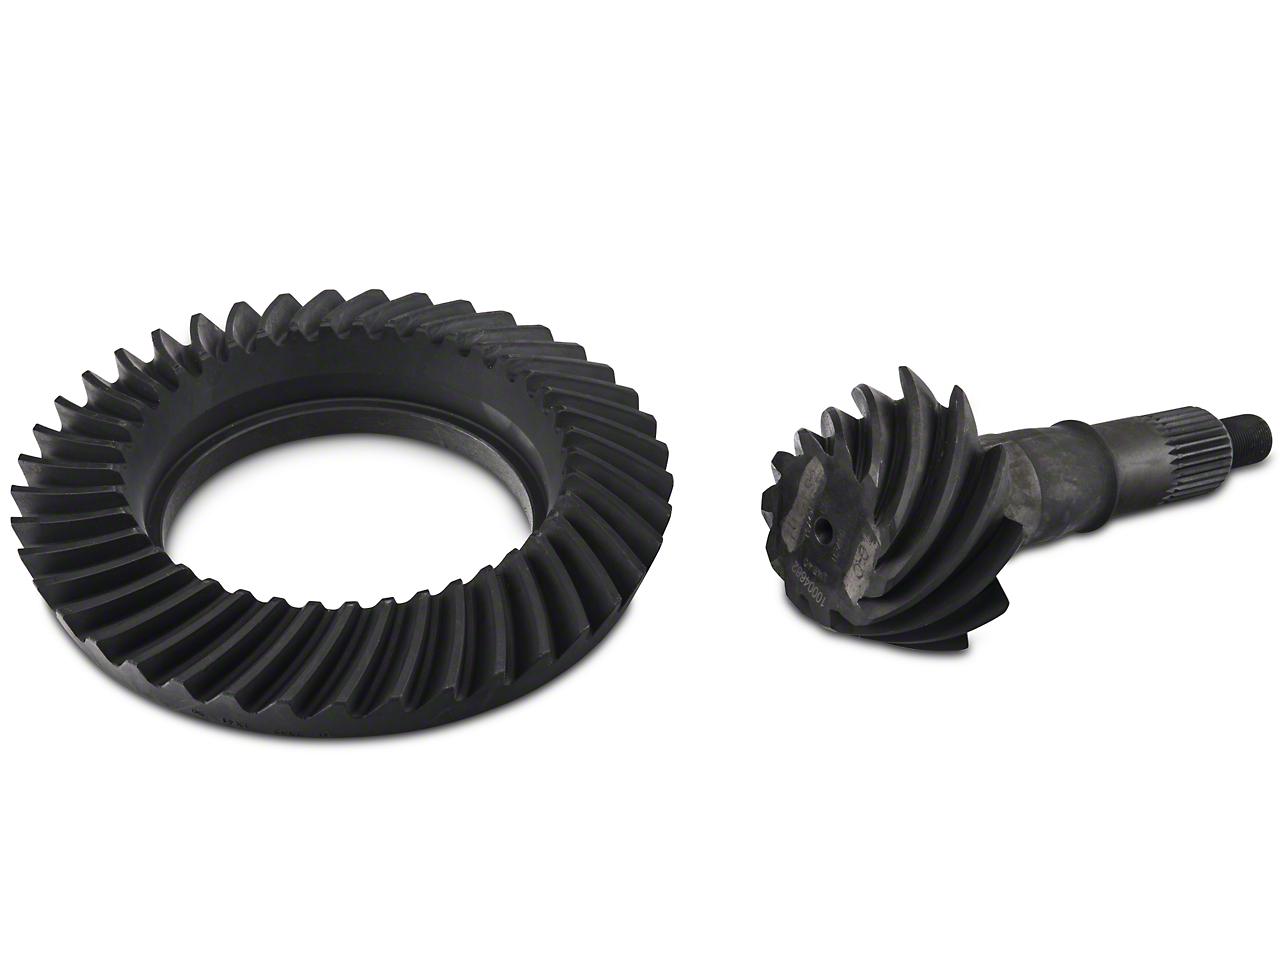 Dana Spicer 3.73 Gears (86-93 V8)